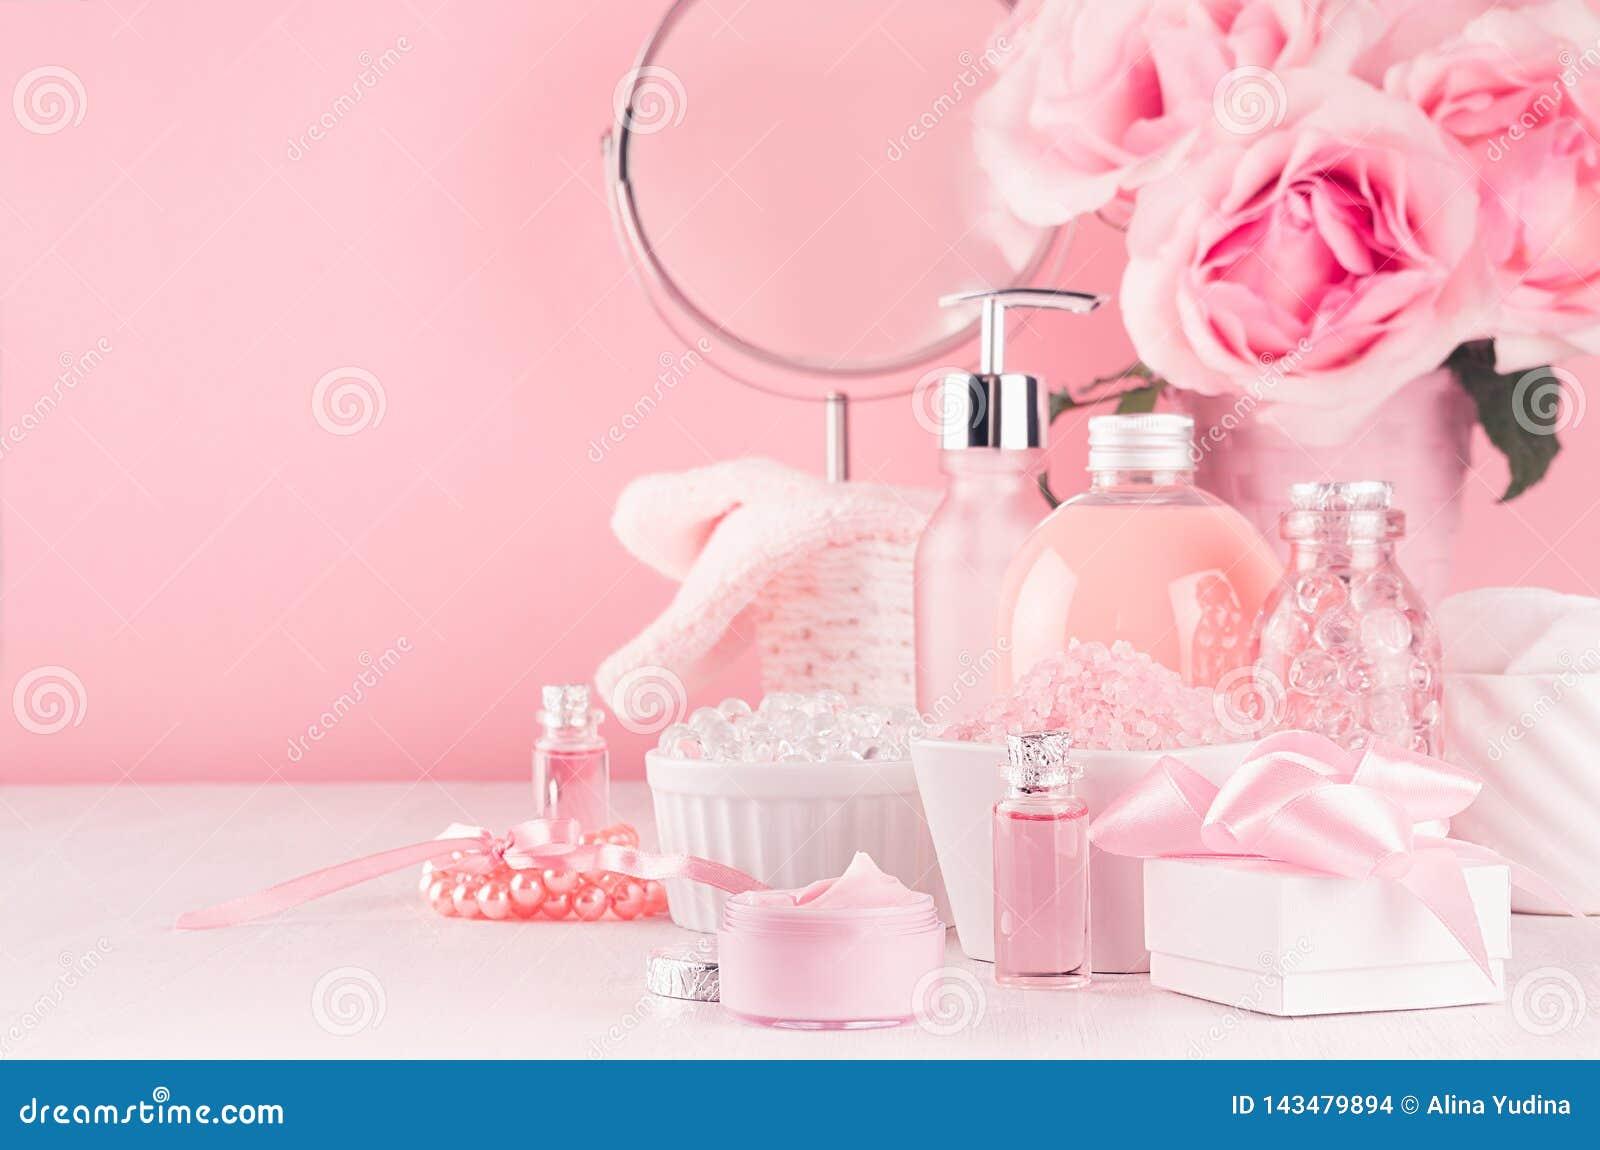 Leichte mädchenhafte Frisierkommode mit runden Spiegel-, Blumen- und Kosmetikprodukten - stieg Öl, Badesalz, Creme, Parfüm